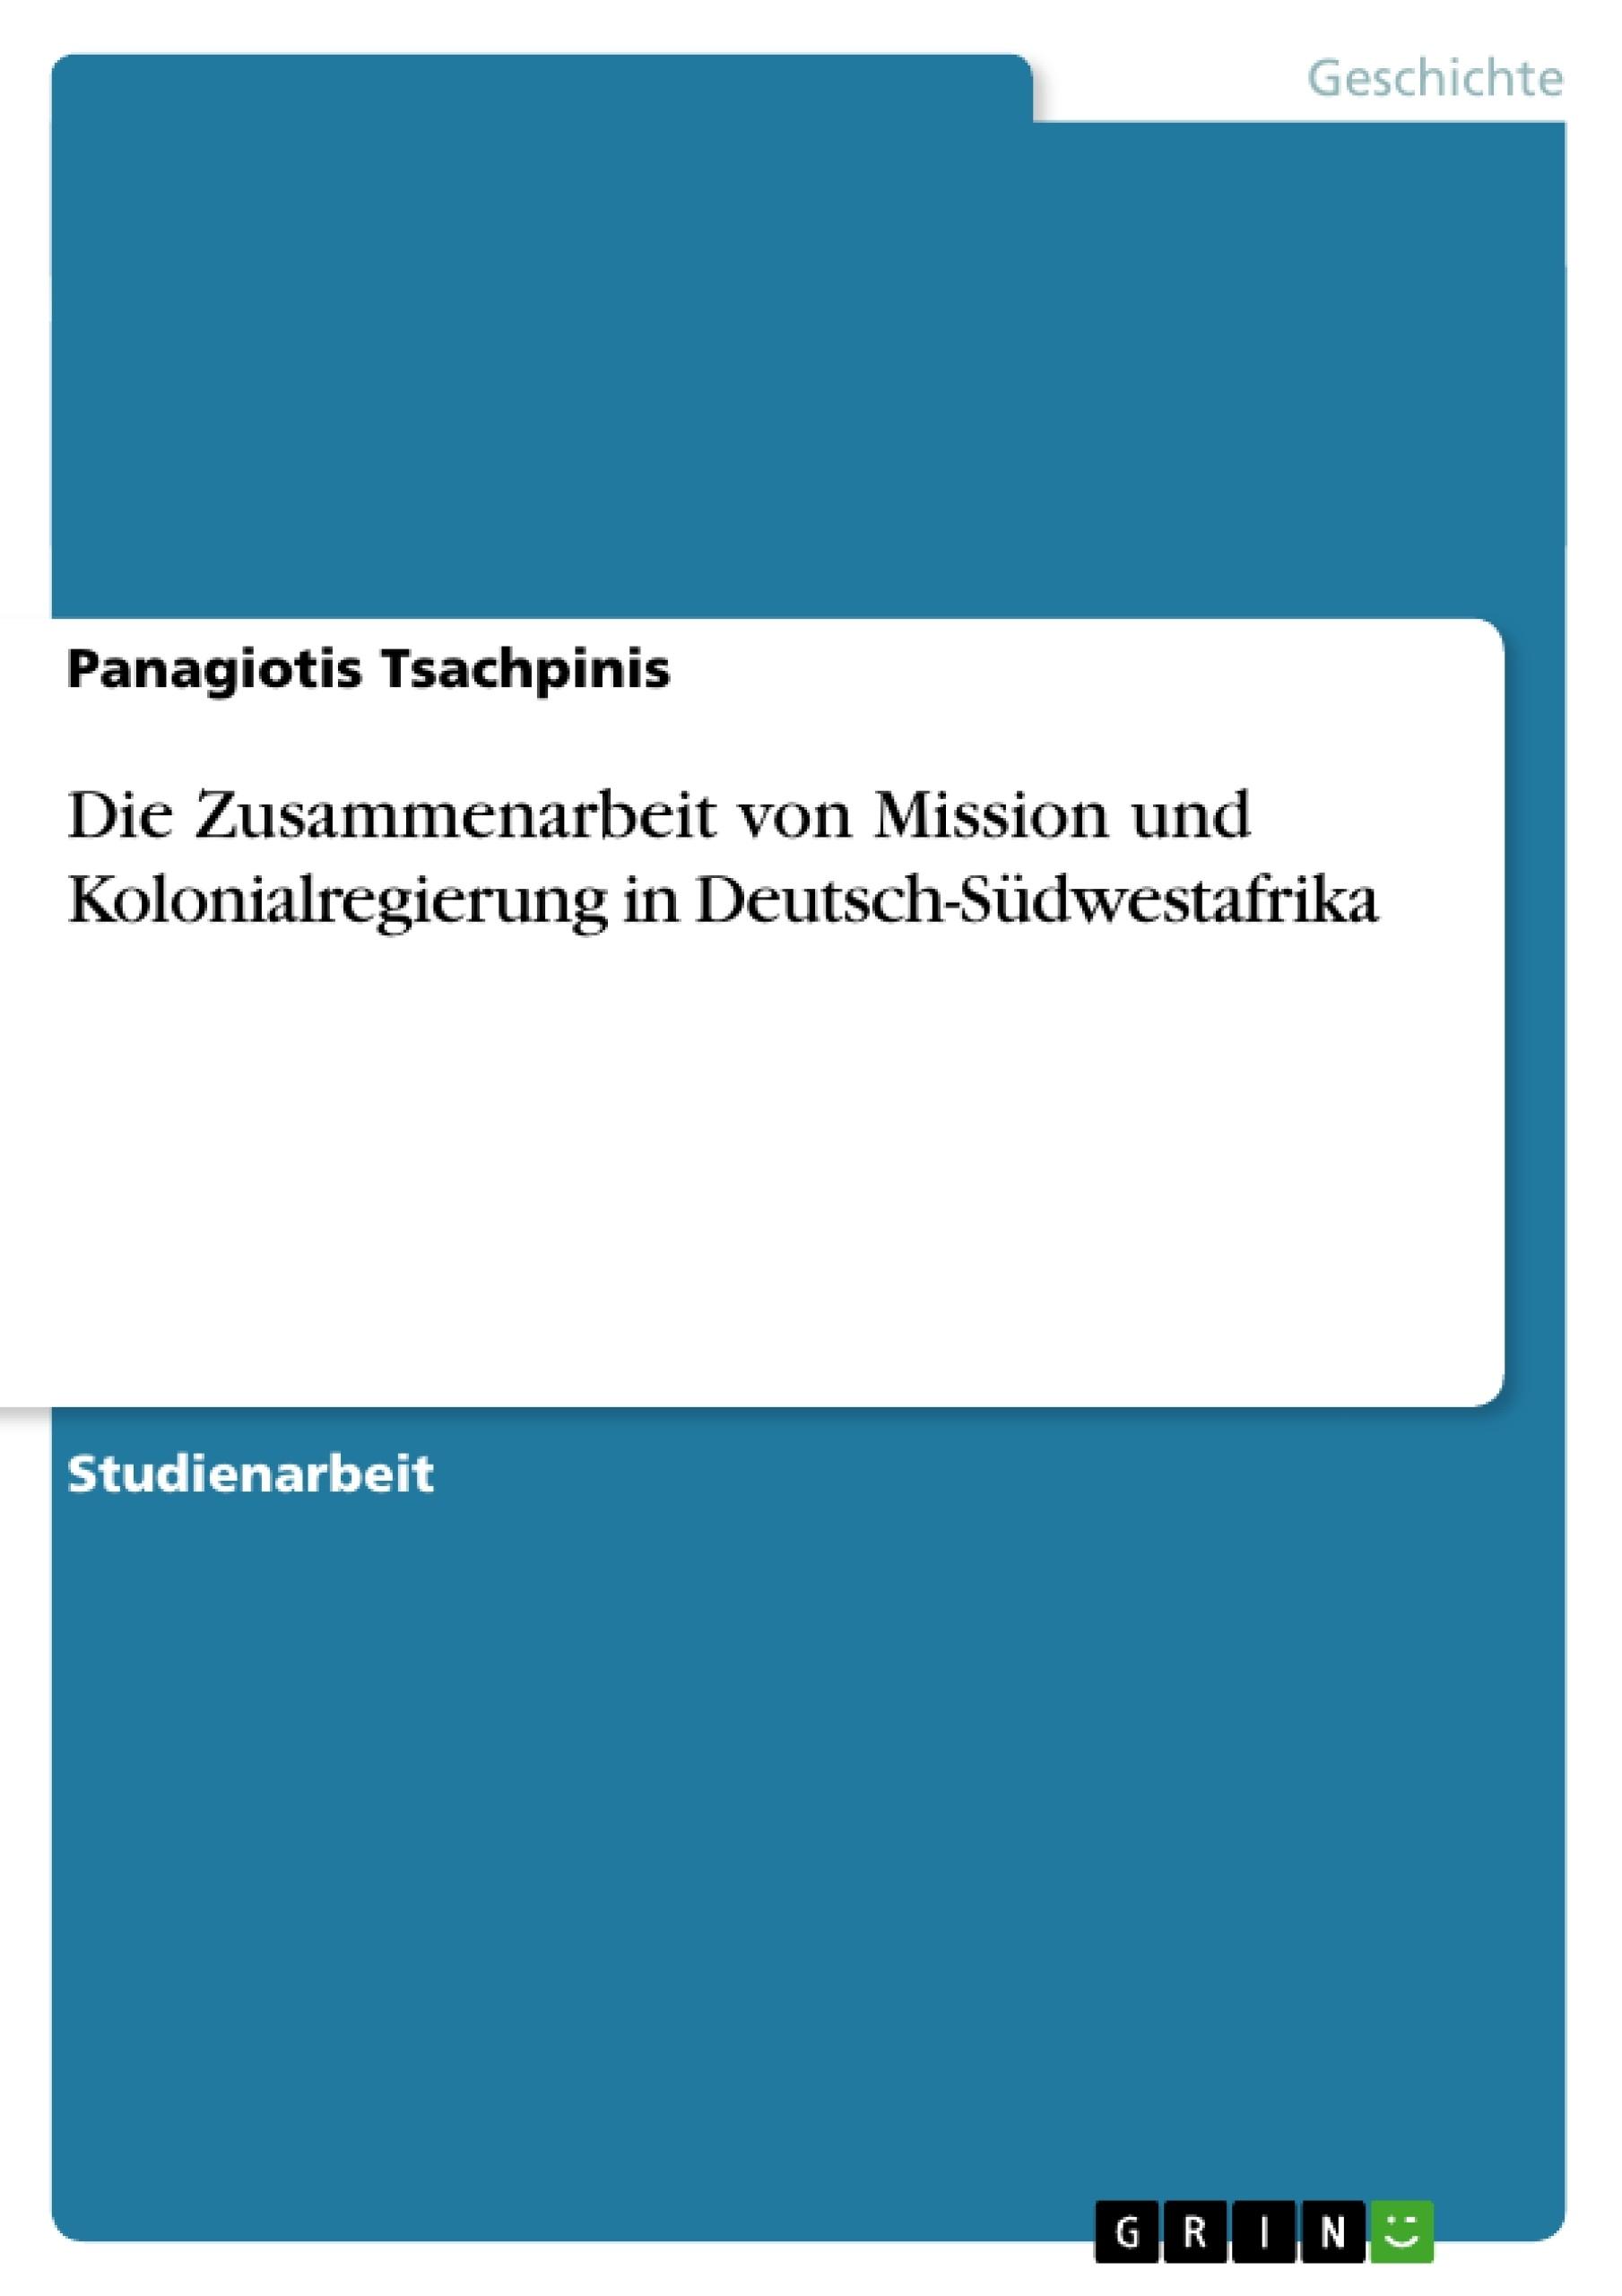 Titel: Die Zusammenarbeit von Mission und Kolonialregierung in Deutsch-Südwestafrika